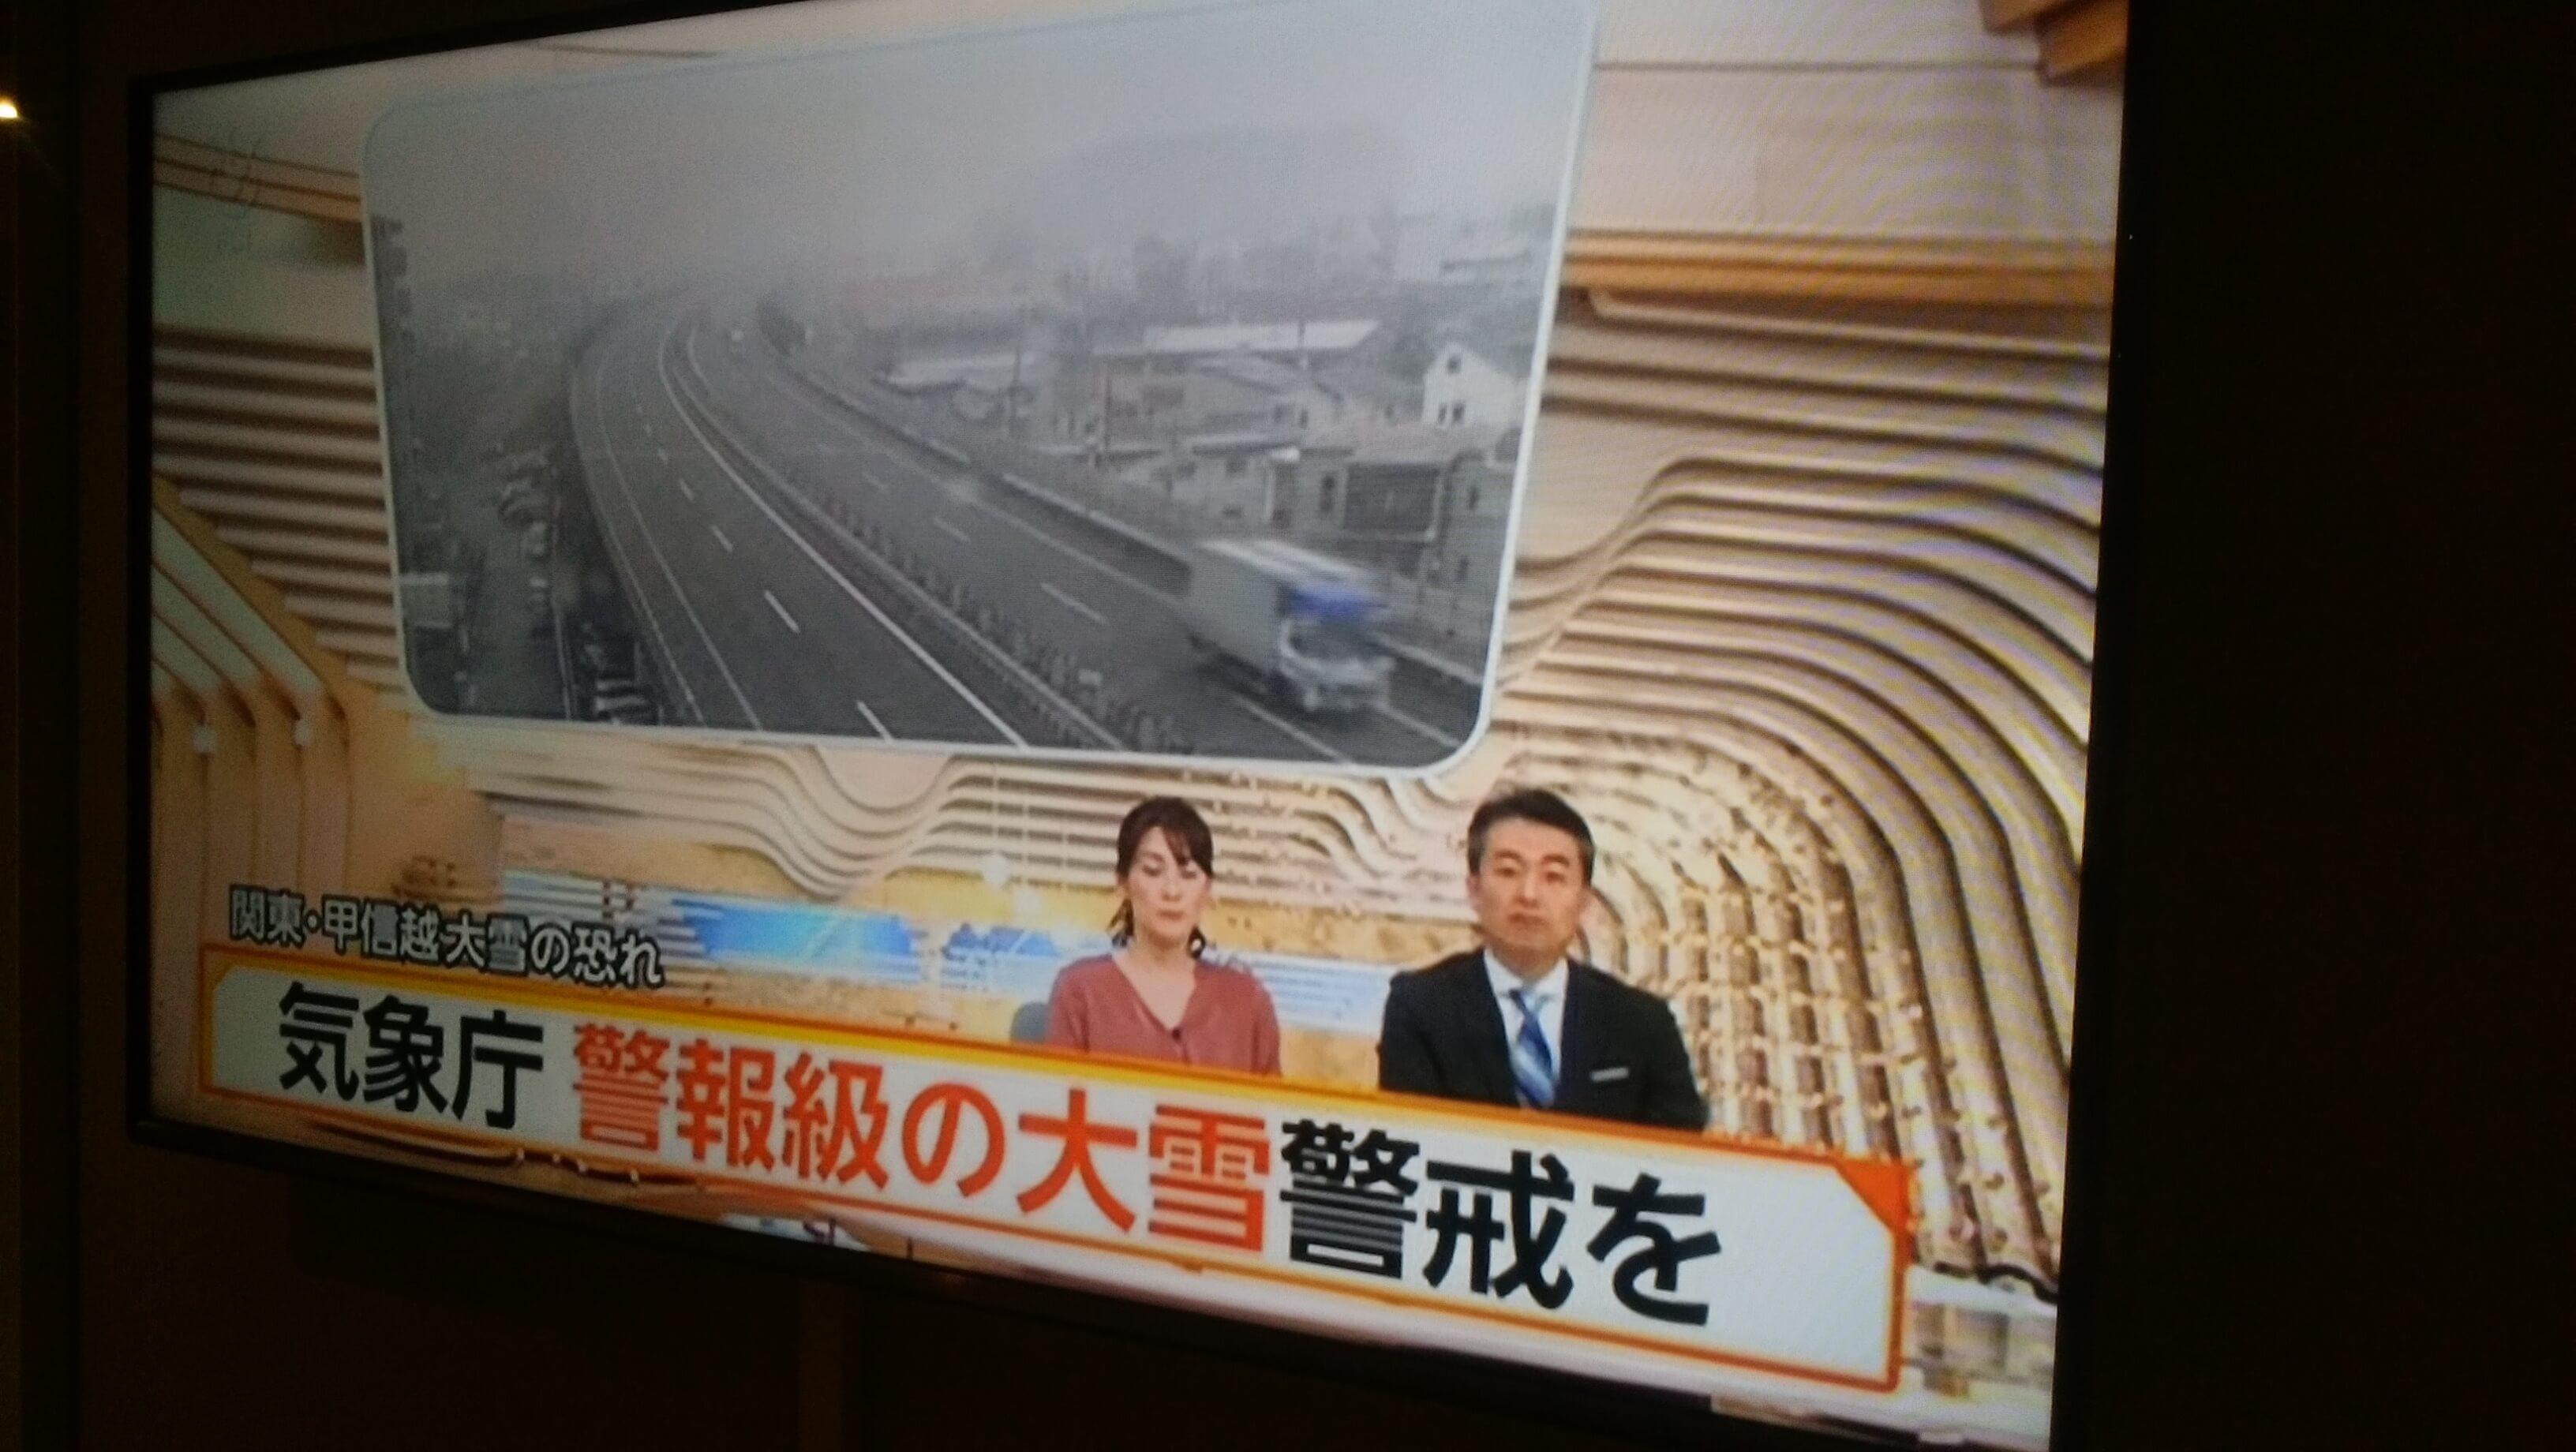 ソコスプレジデンティーで観た日本のテレビ番組